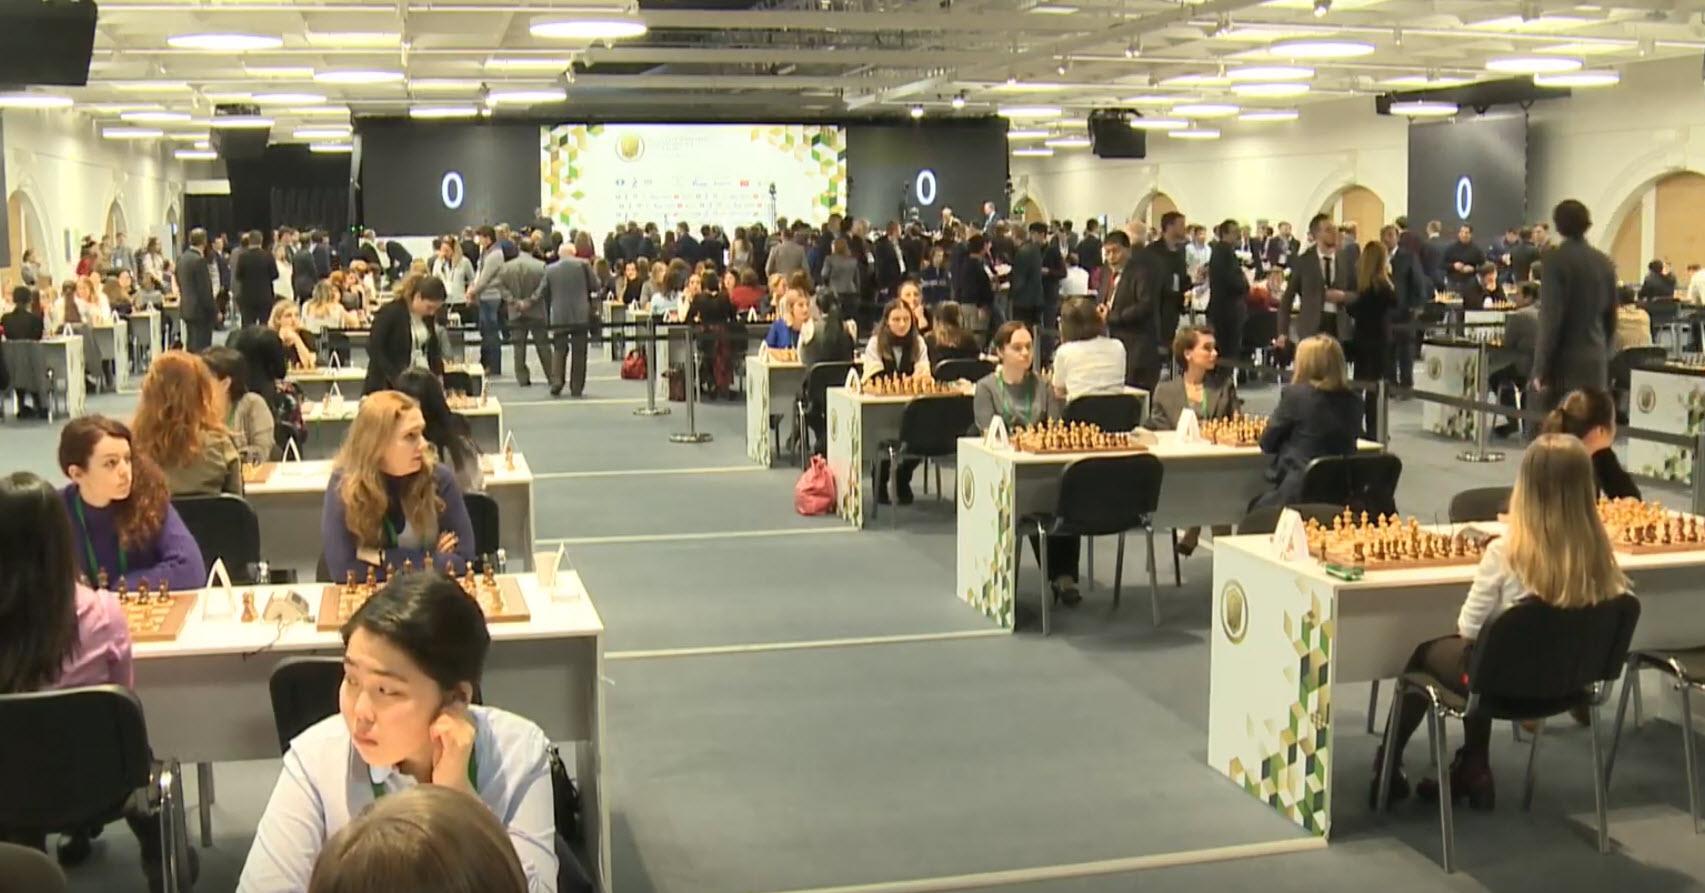 Giải vô địch thế giới cờ vua nhanh và chớp nhoáng năm 2018